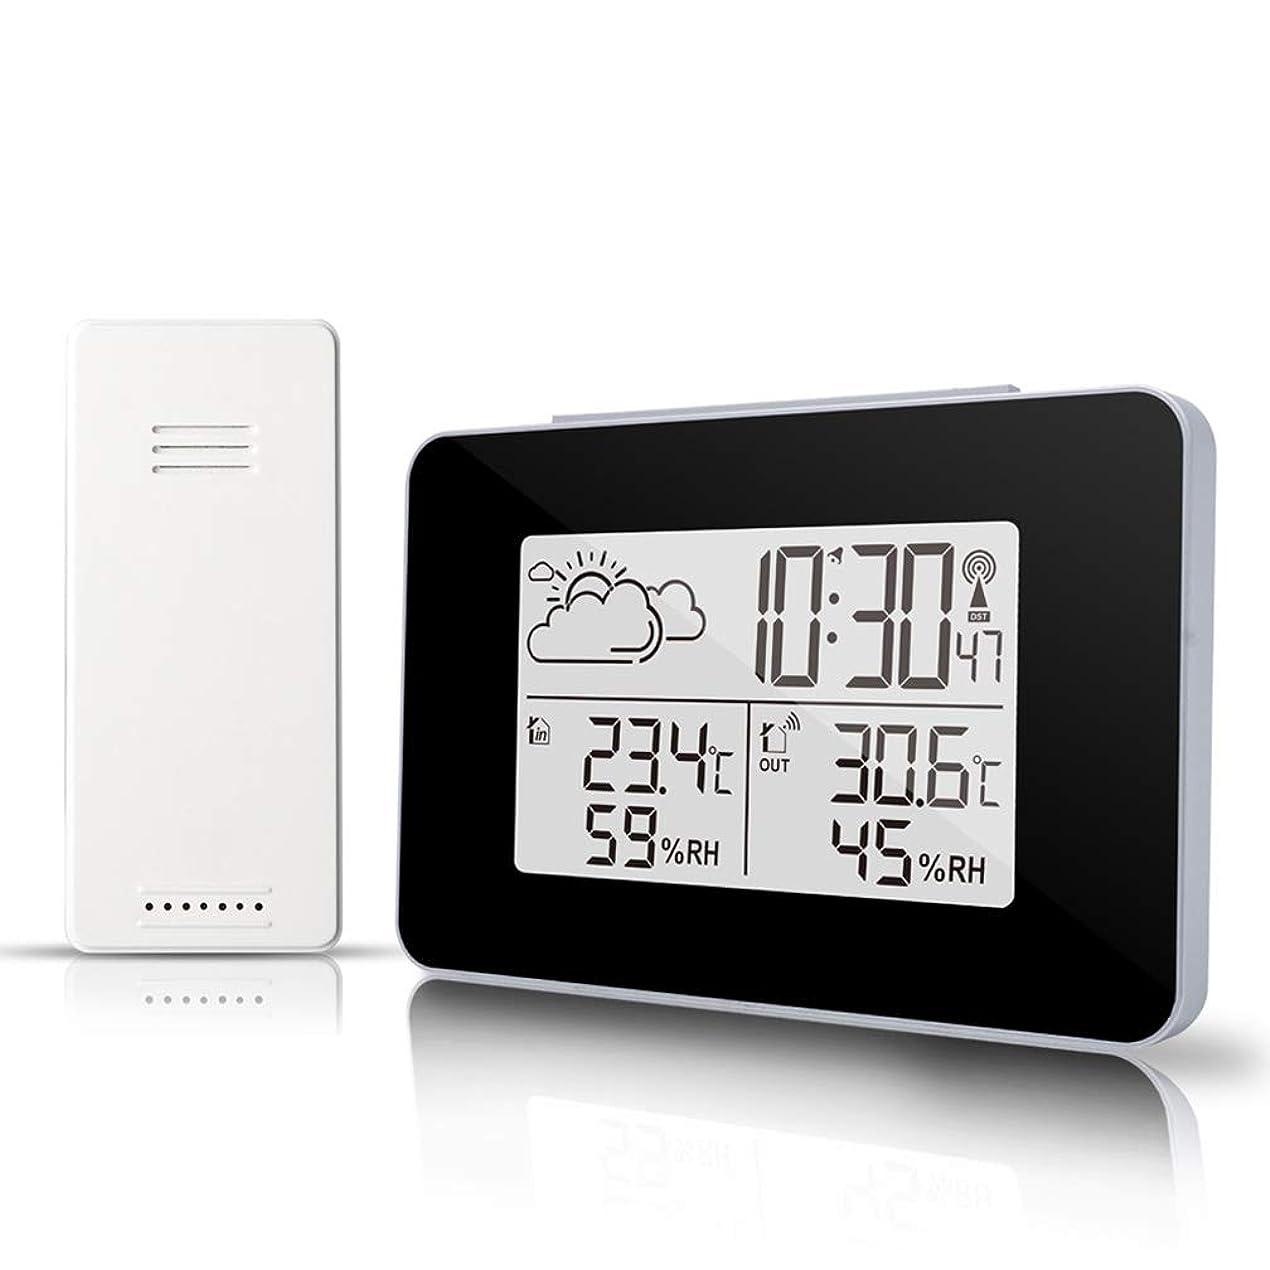 ホップ分析的な絶滅させる気象計,デジタル目覚まし時計ワイヤレスセンサー温湿度計湿度モニター、多機能LEDデスクトップ卓上時計